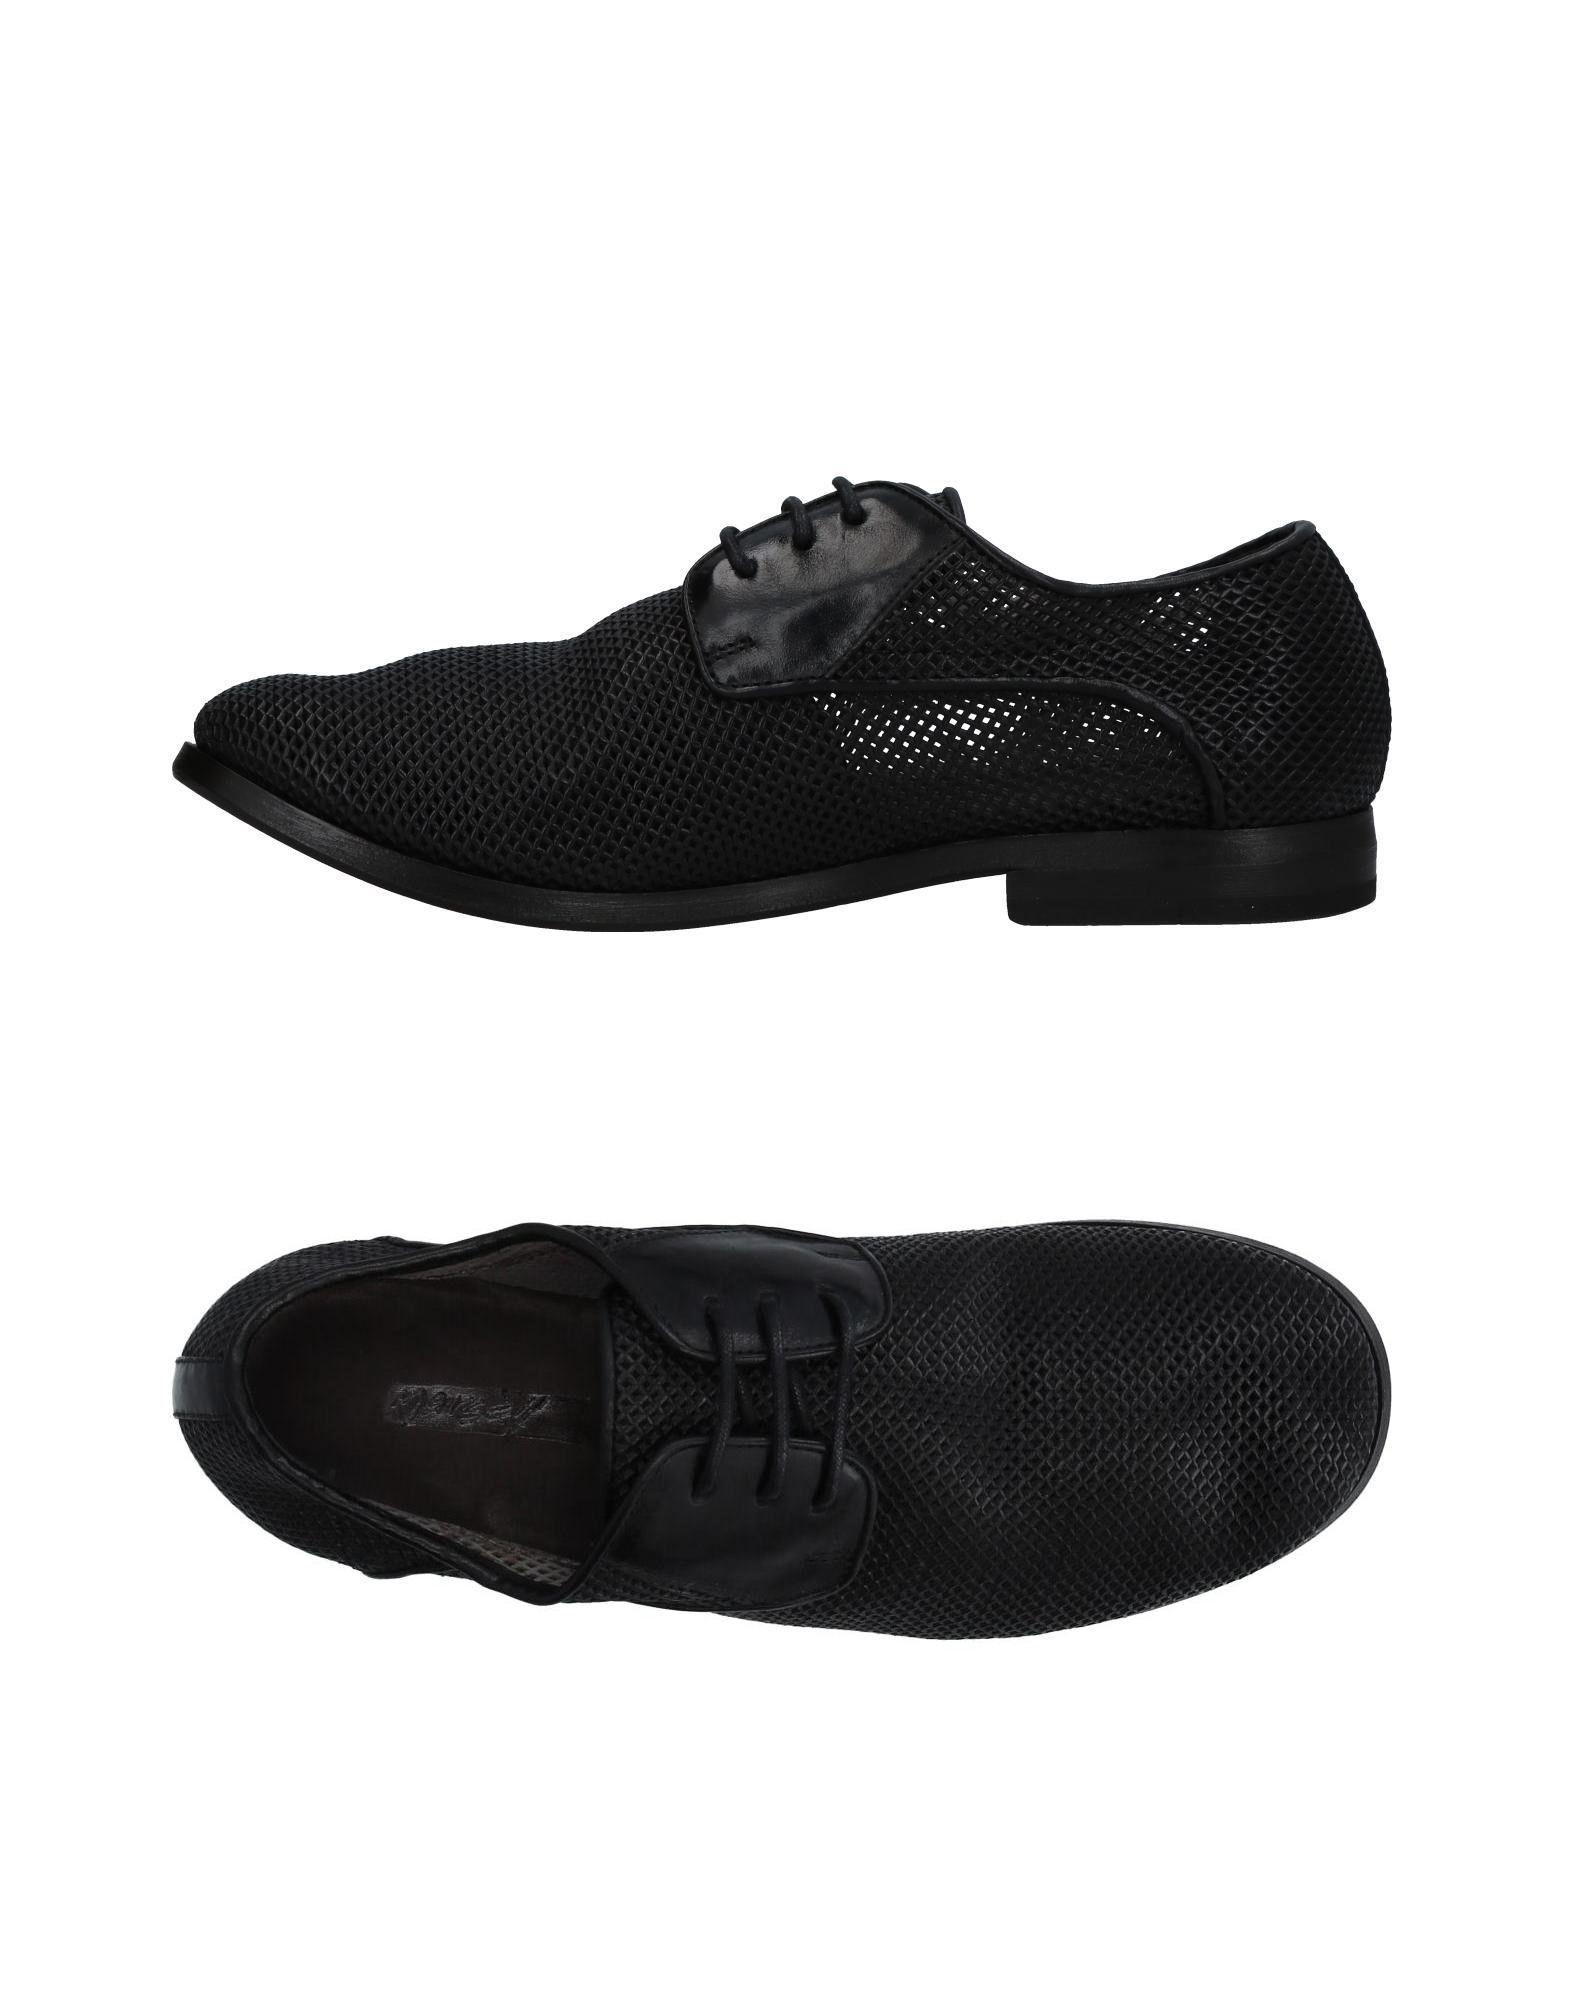 Marsèll Schnürschuhe Herren  11401375OJ Gute Qualität beliebte Schuhe